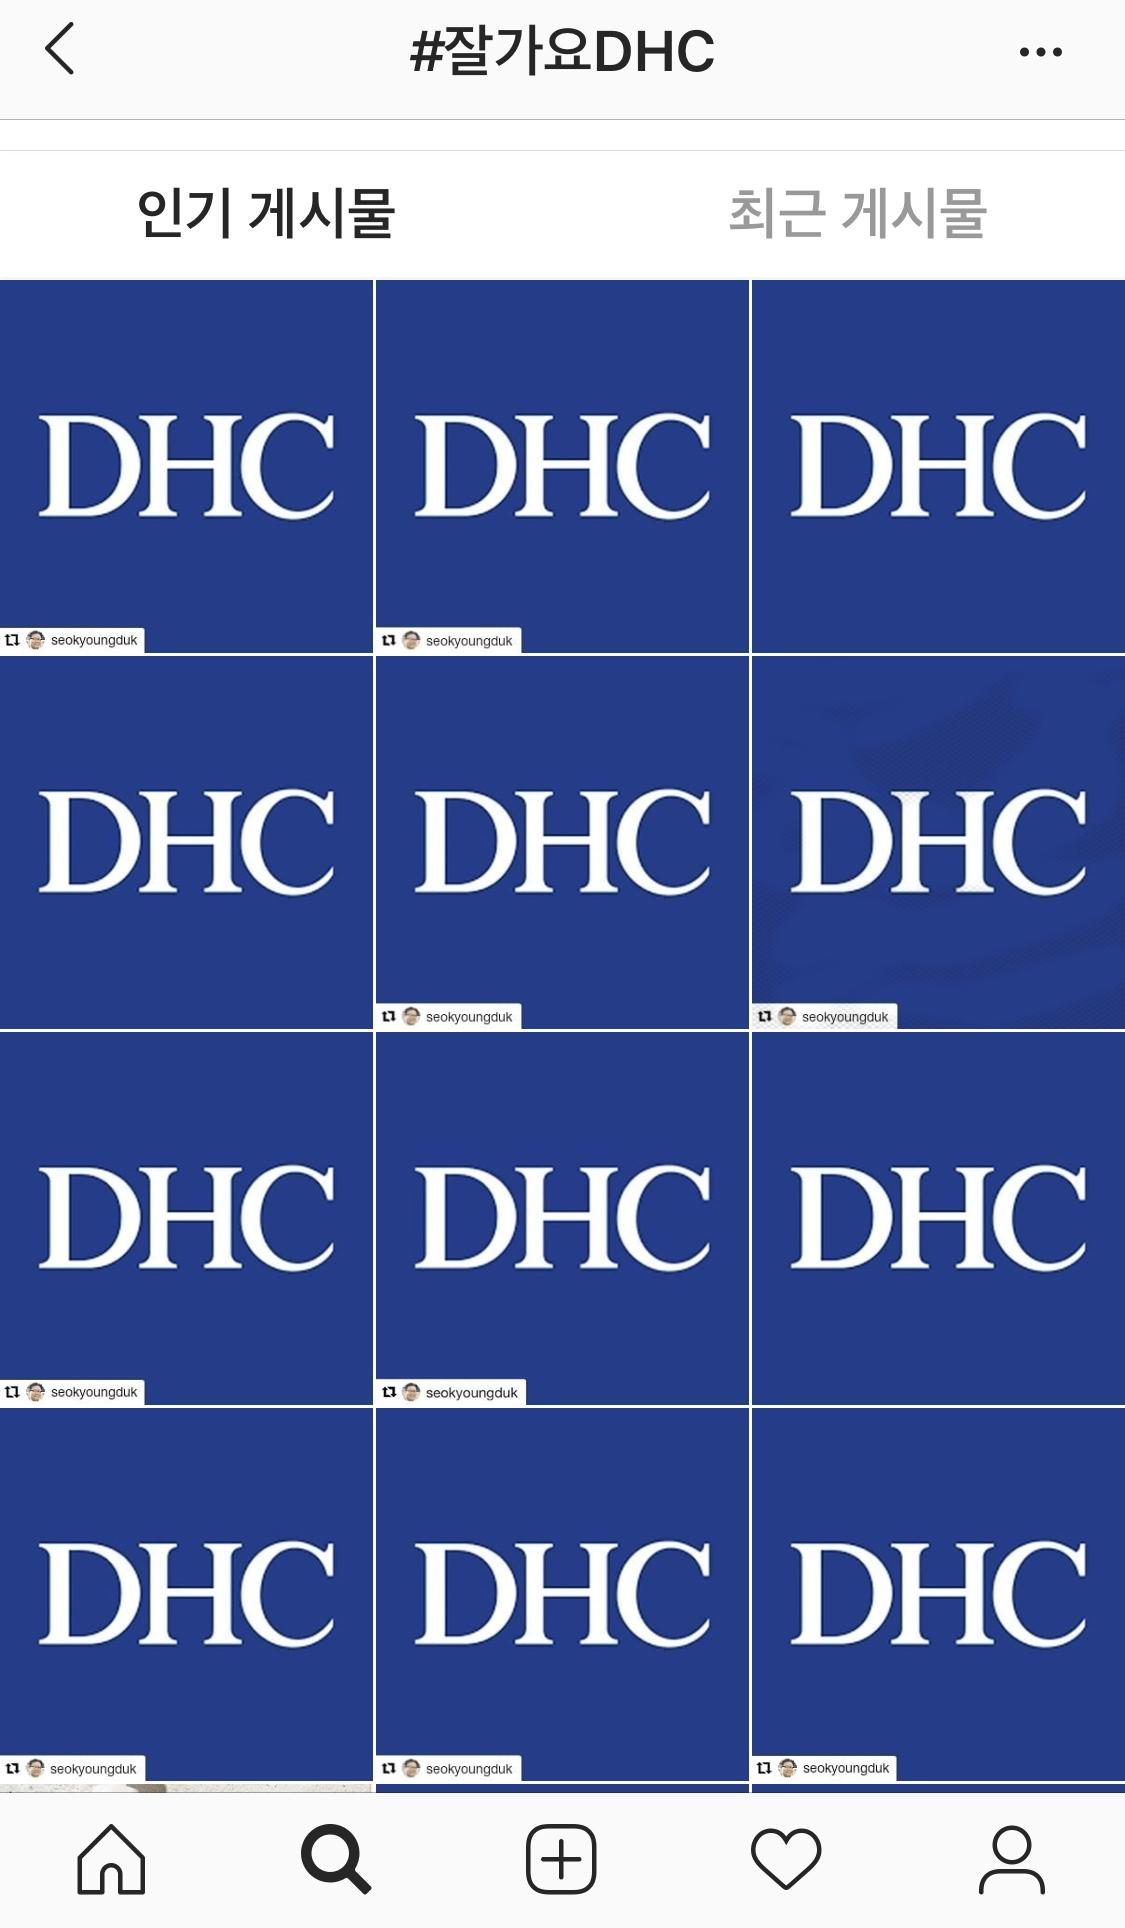 인스타그램에 '#잘가요DHC' 해시태그를 단 게시물들이 올라오고 있다.